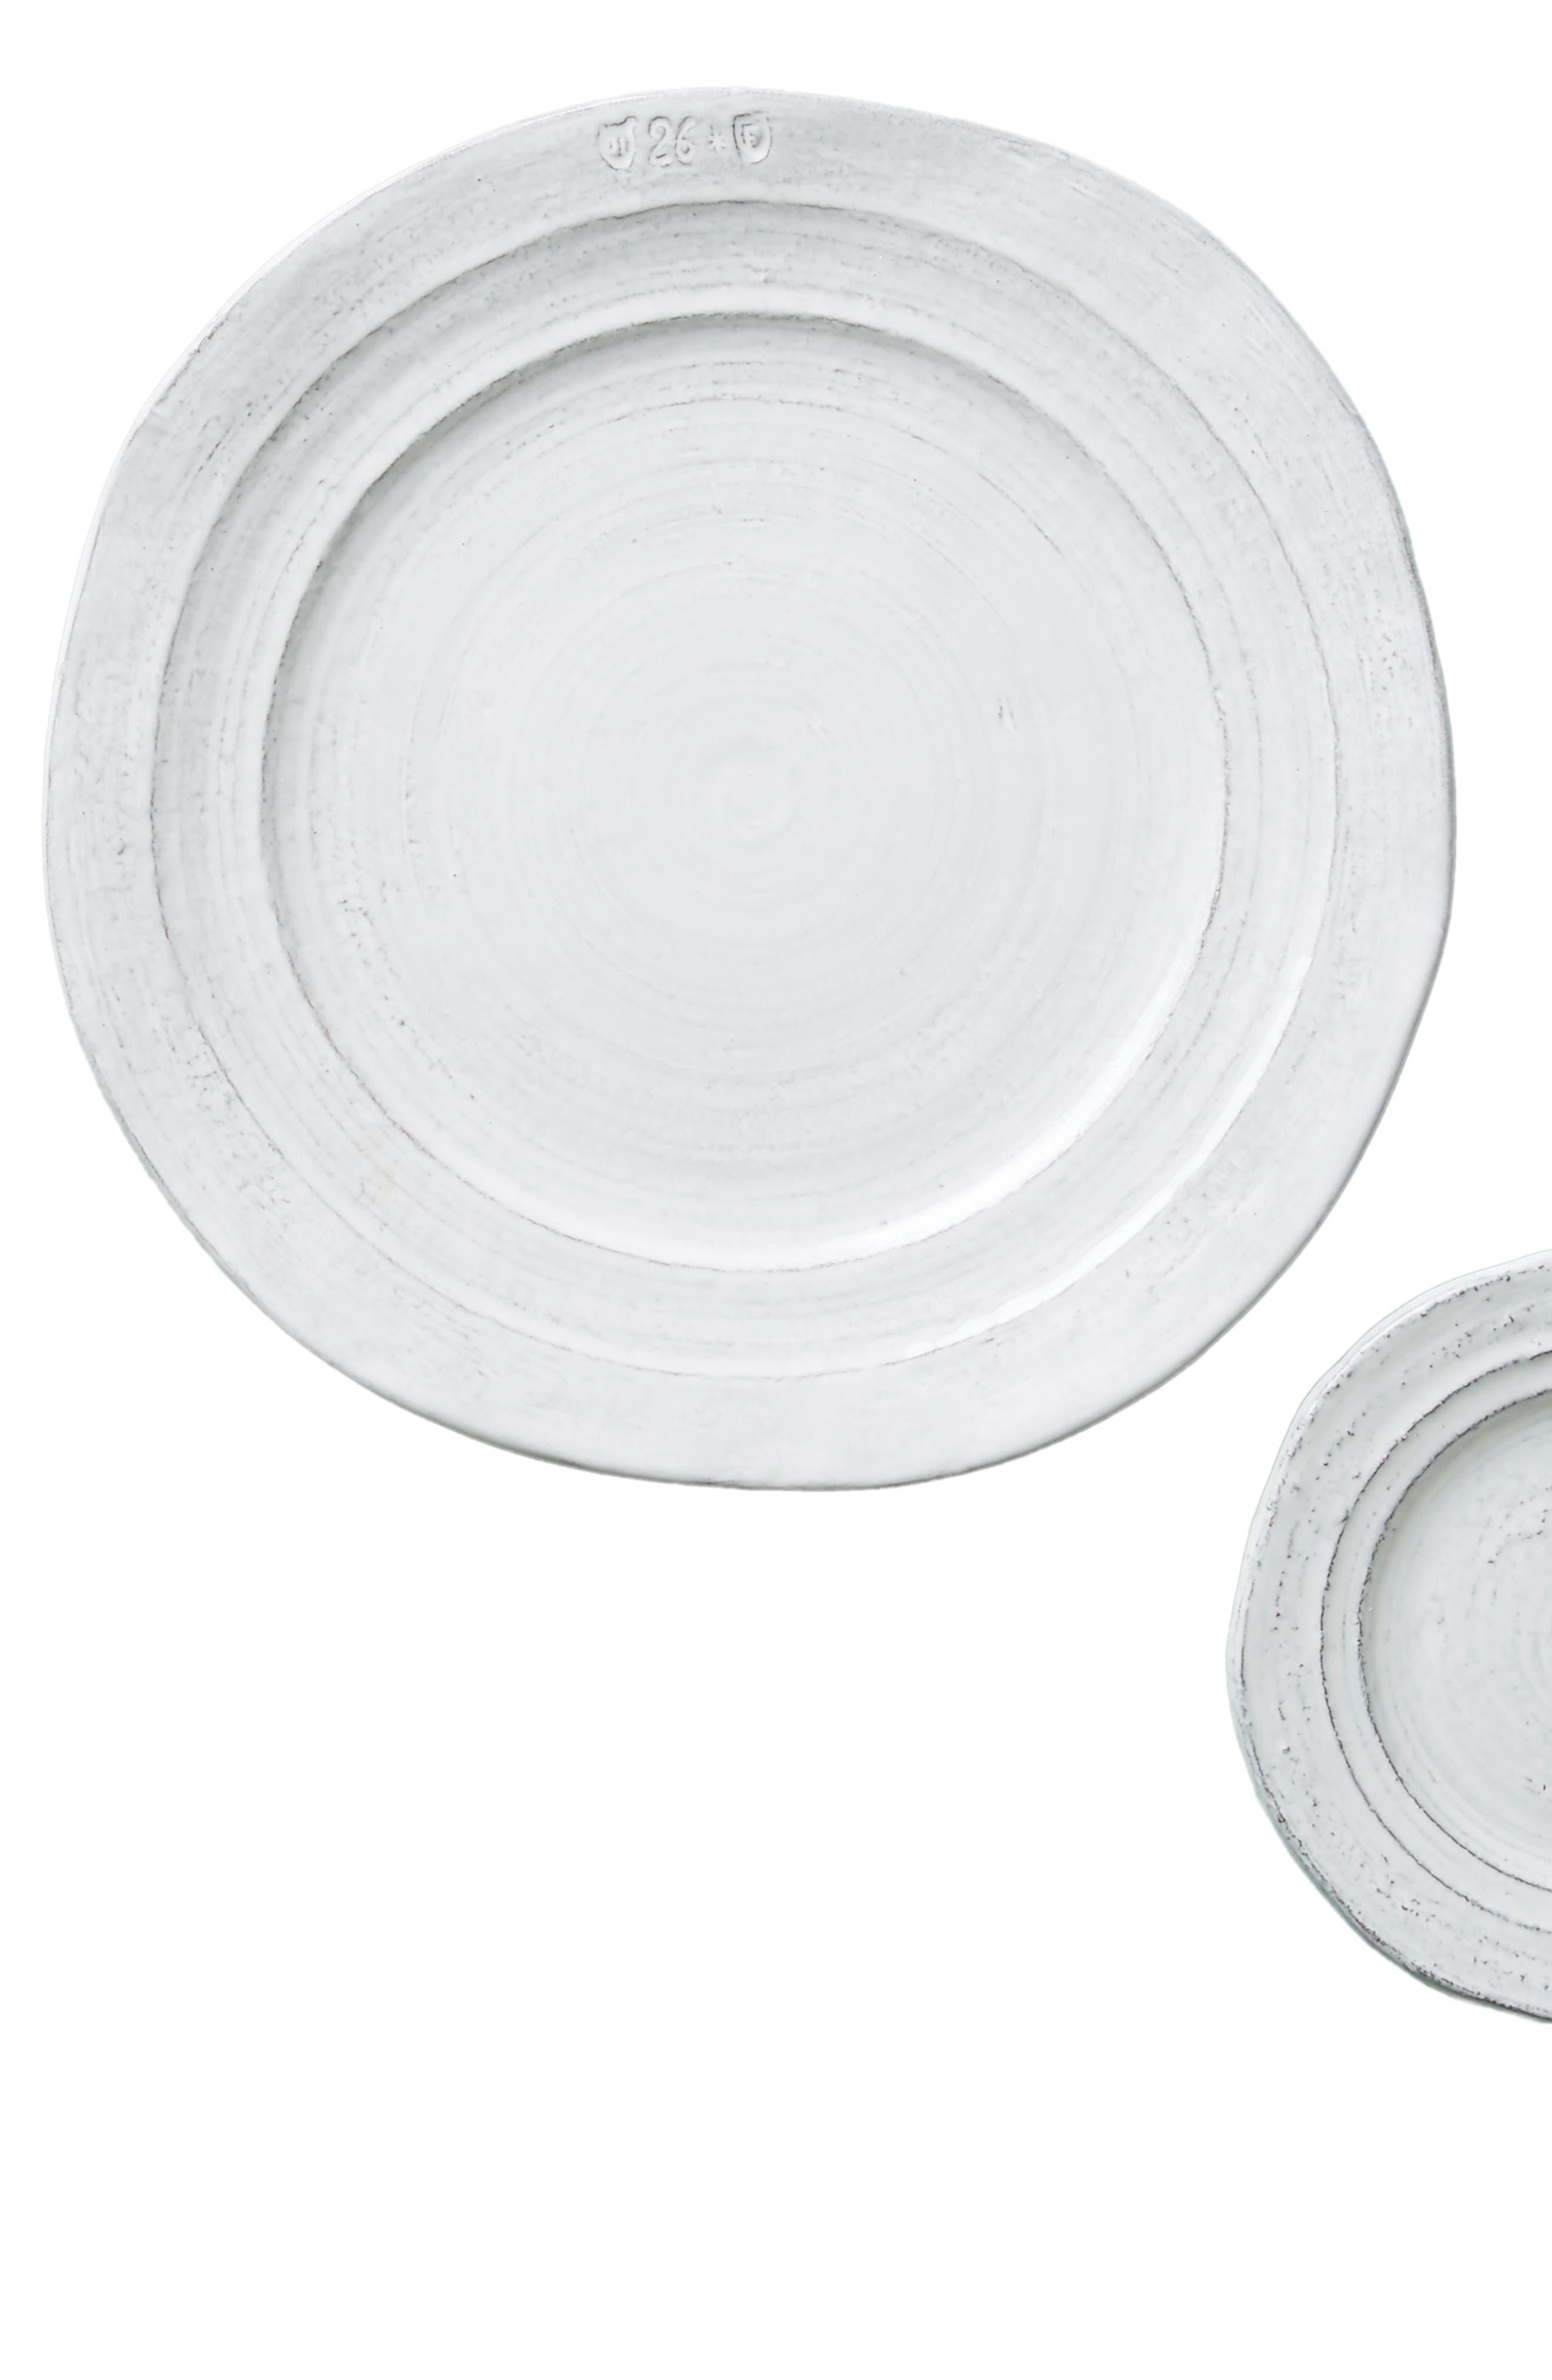 Glenna Dinner Plate,                             Alternate thumbnail 2, color,                             103